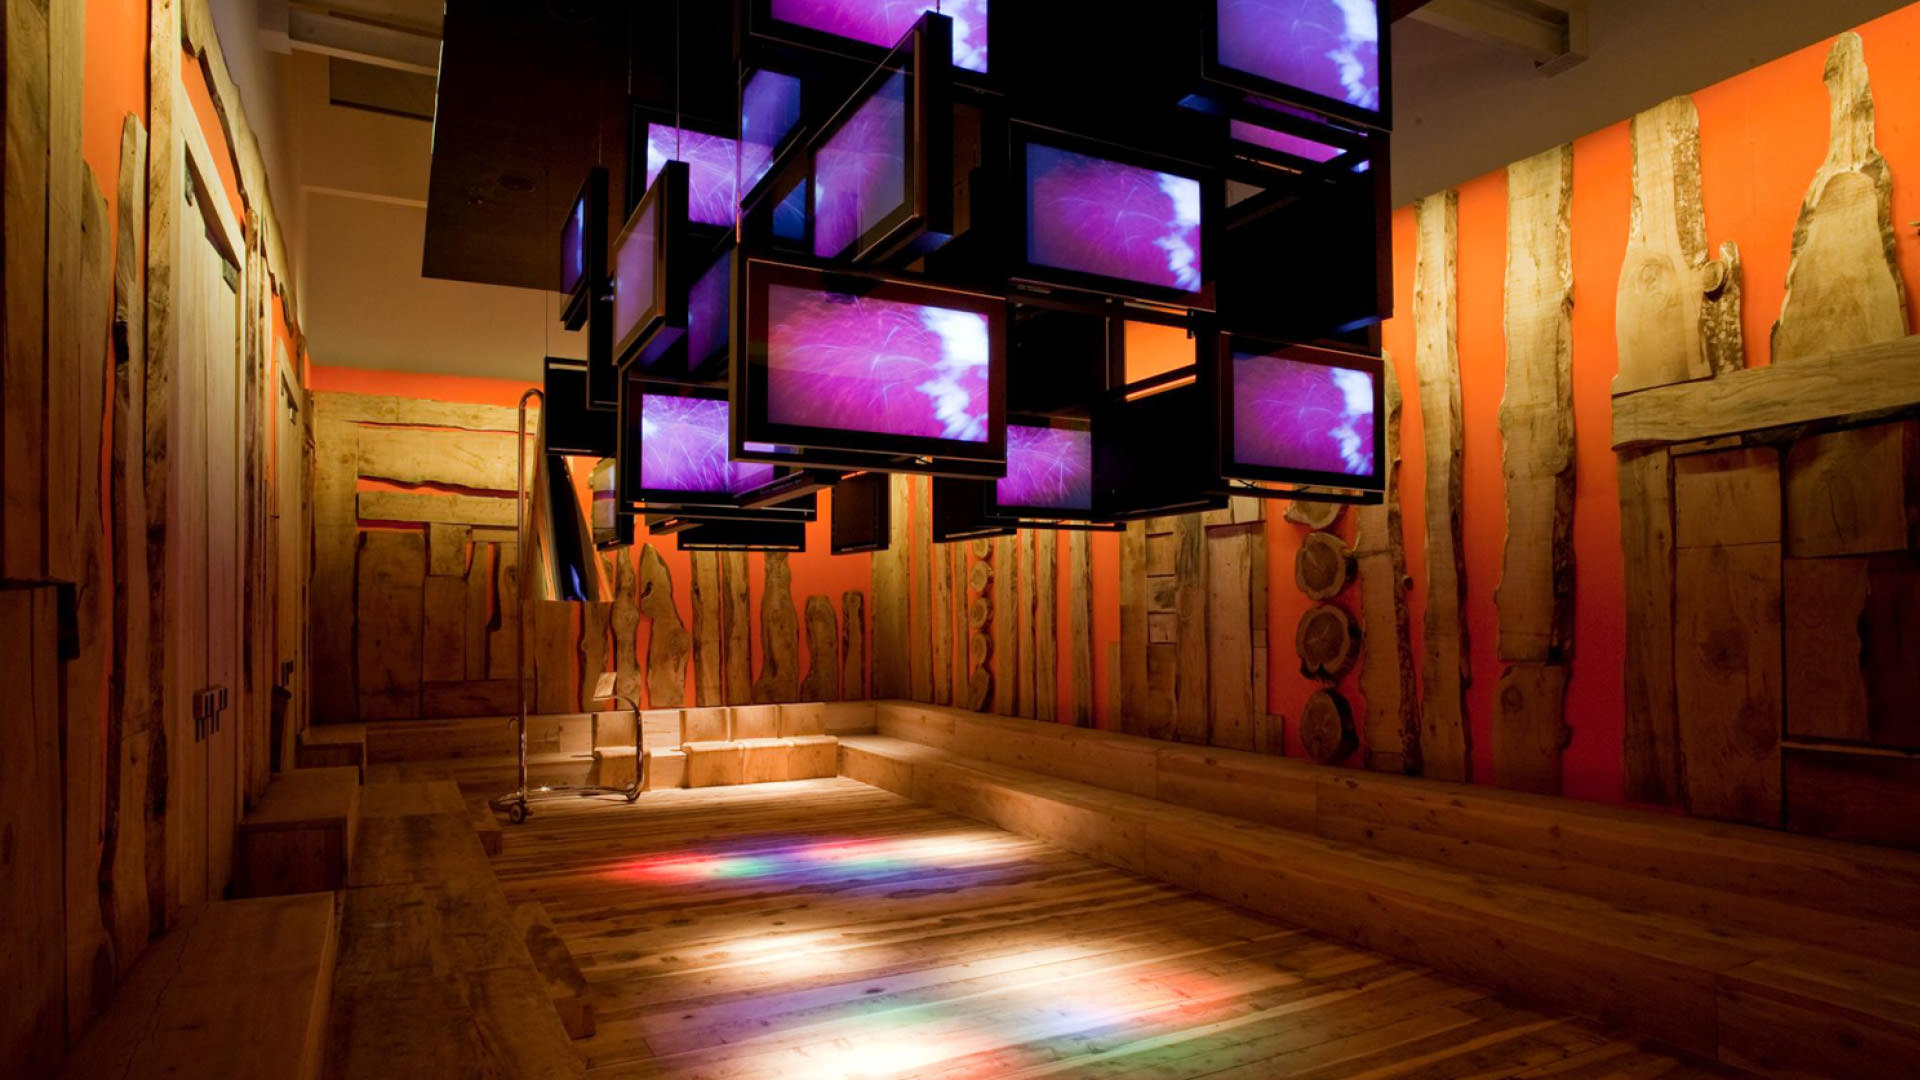 Triennale design museum una visione per un futuro museo for Triennale a milano